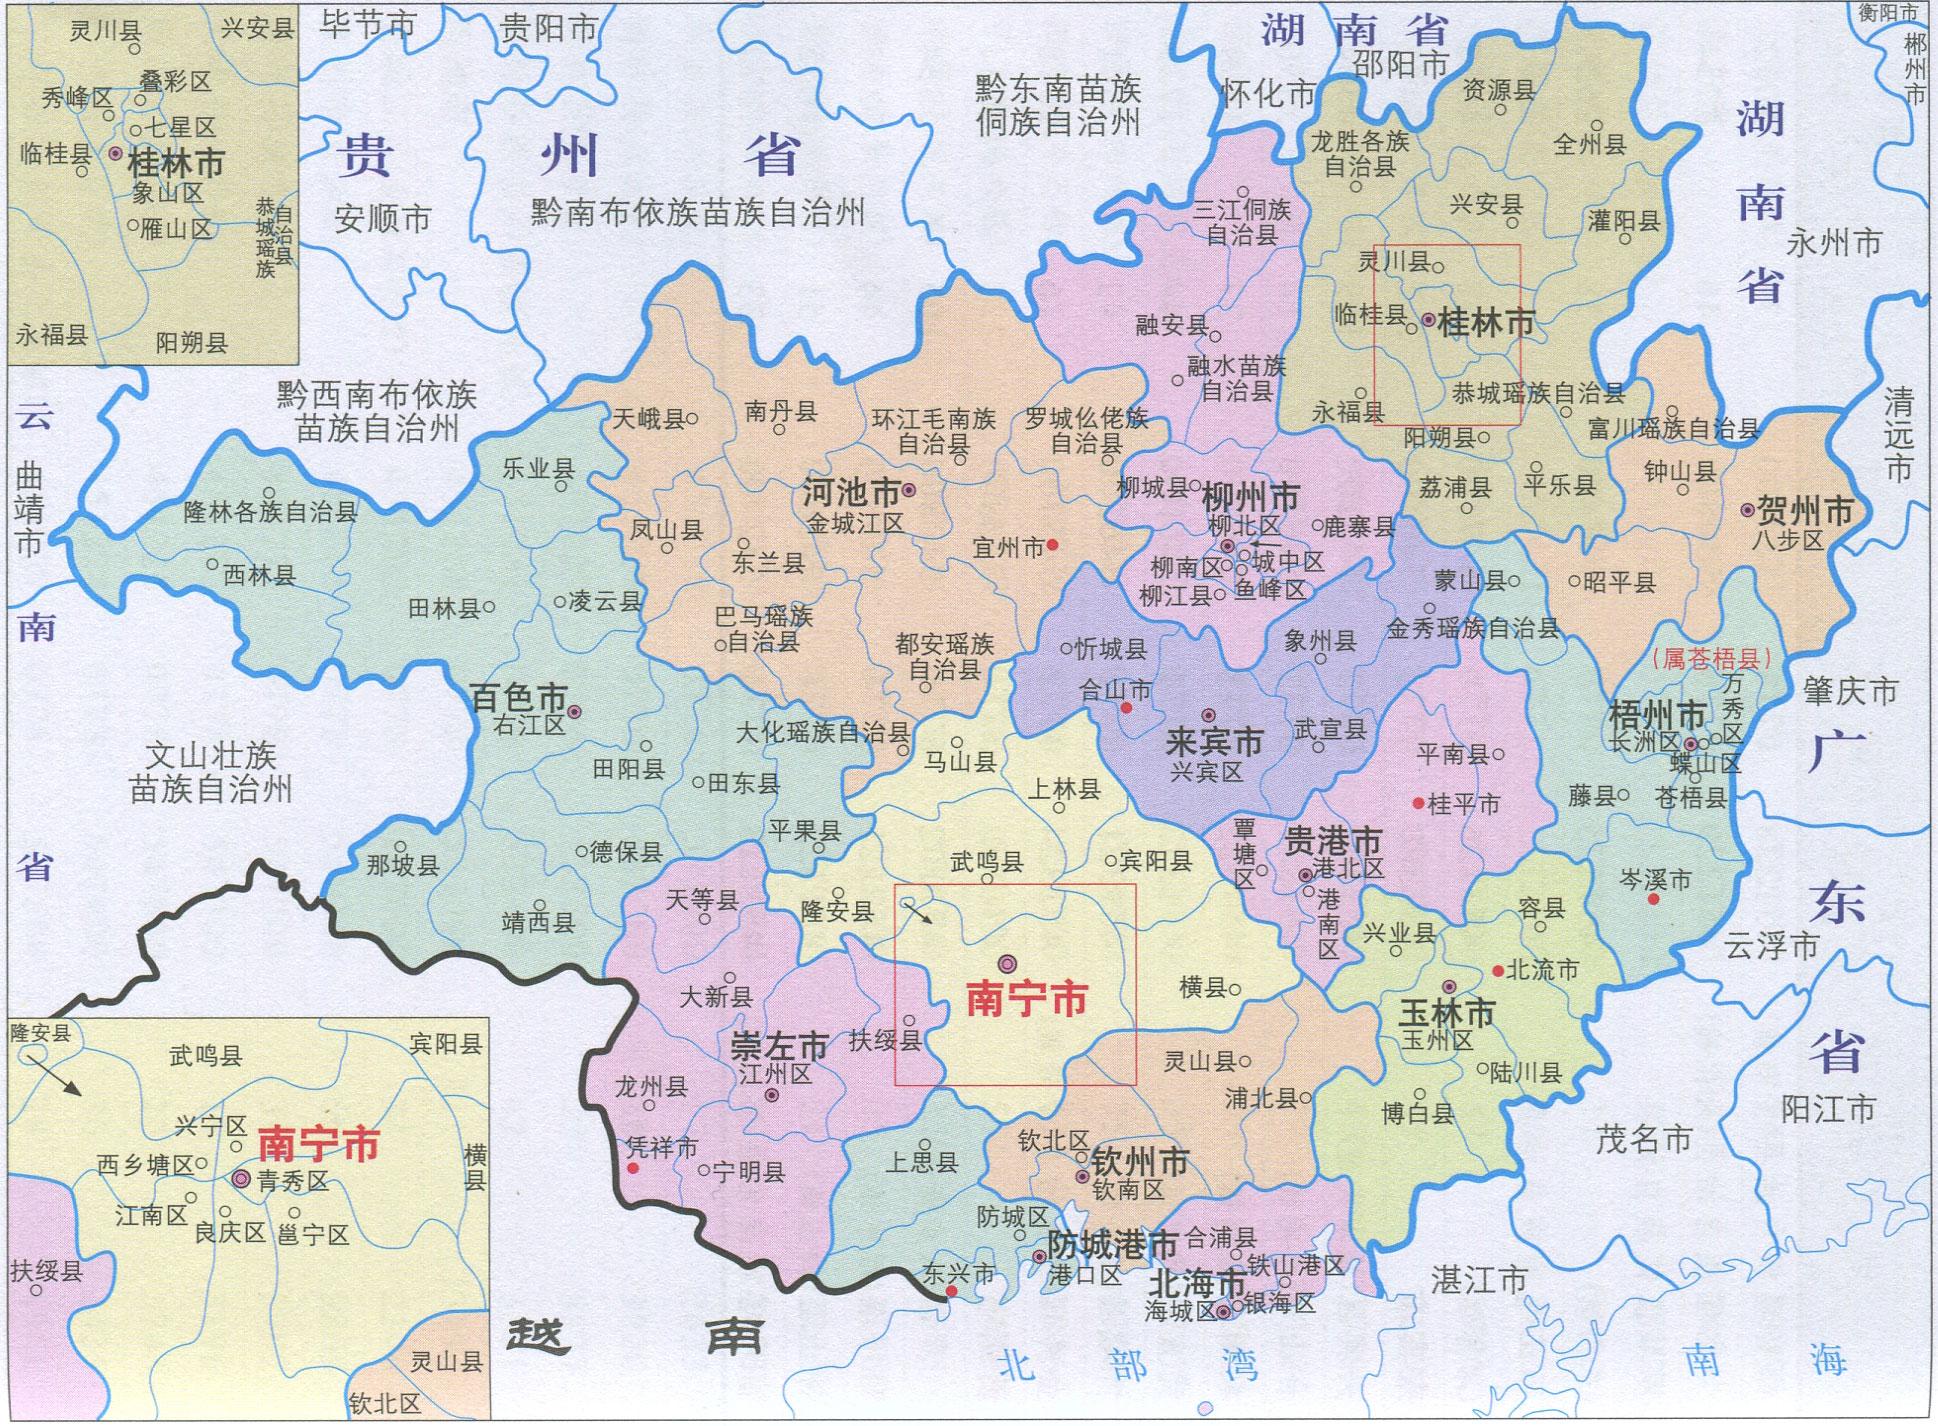 广西行政区划简图